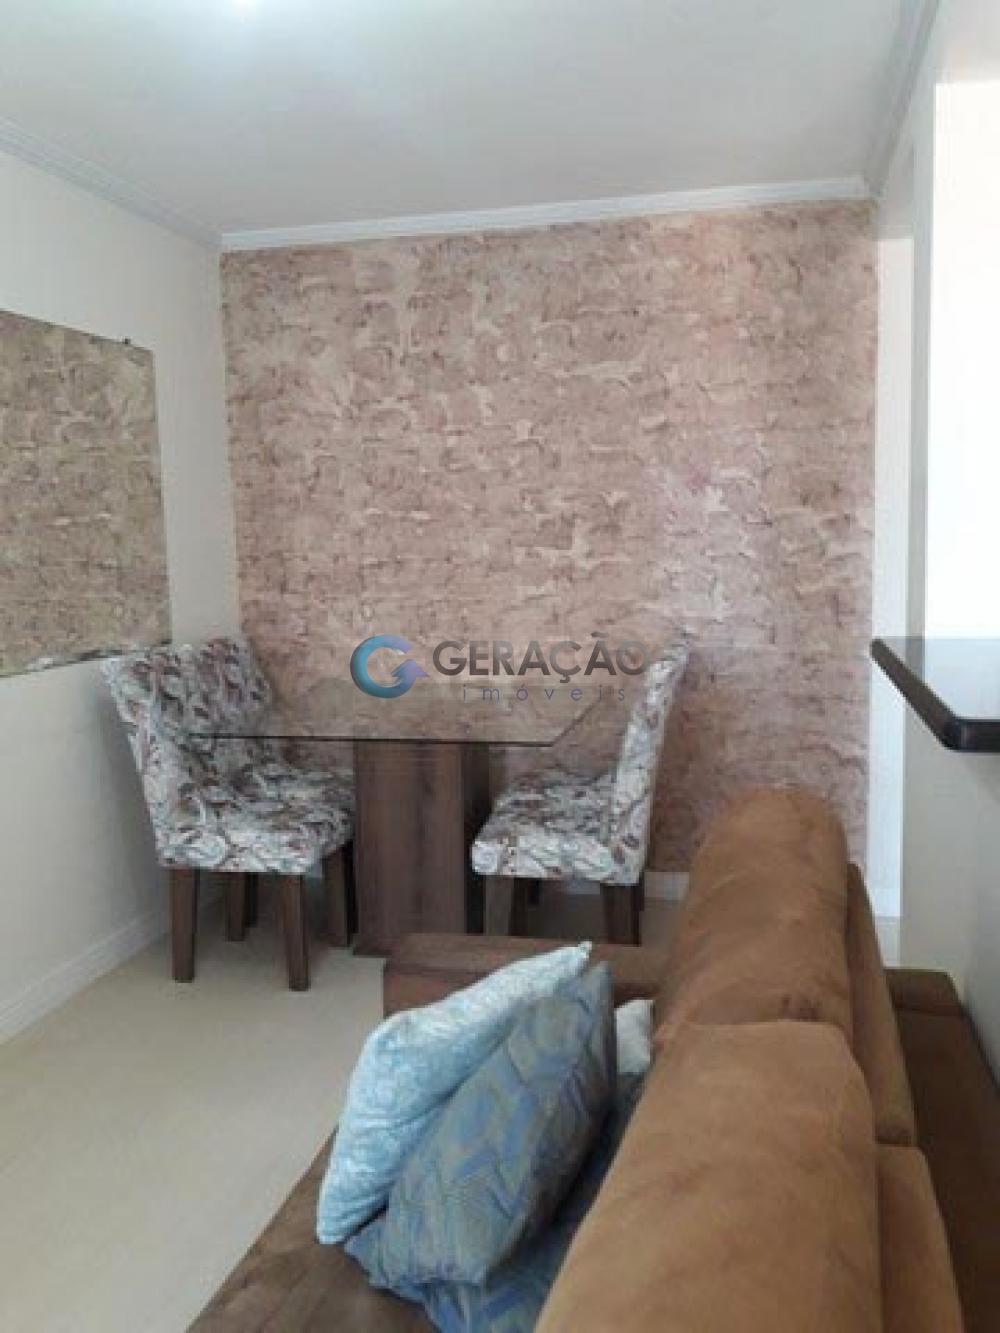 Comprar Apartamento / Padrão em São José dos Campos R$ 187.000,00 - Foto 1